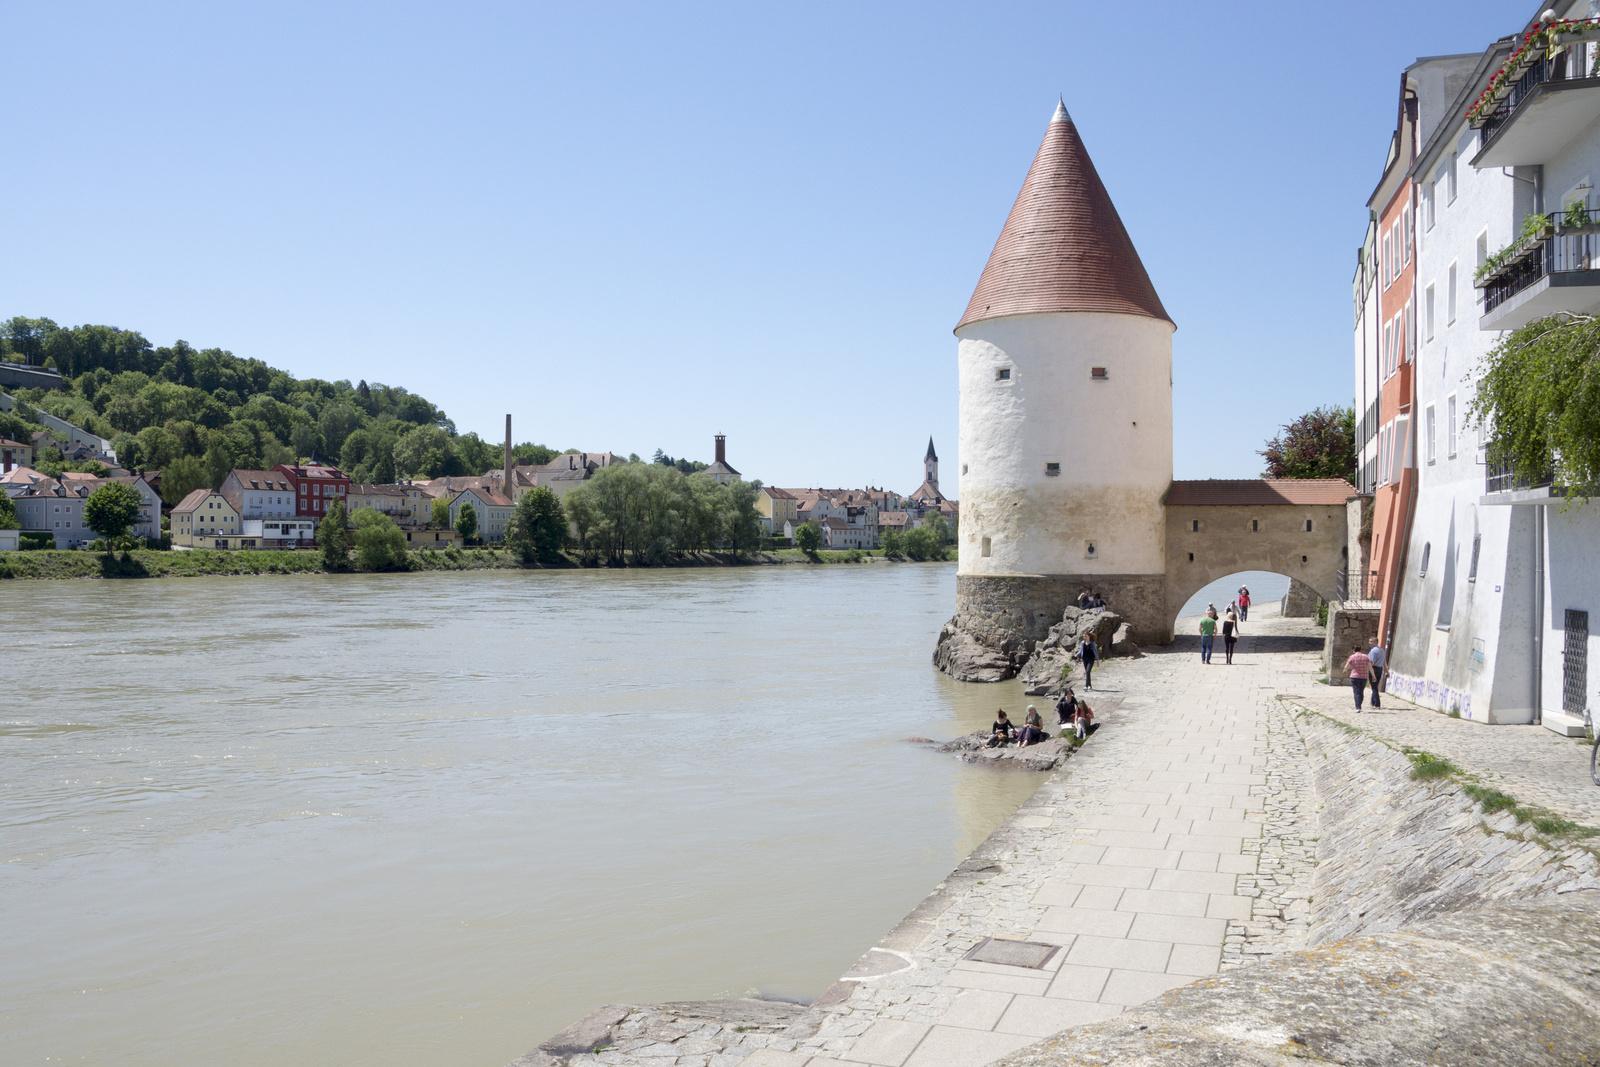 Passau-Bécs/Passau